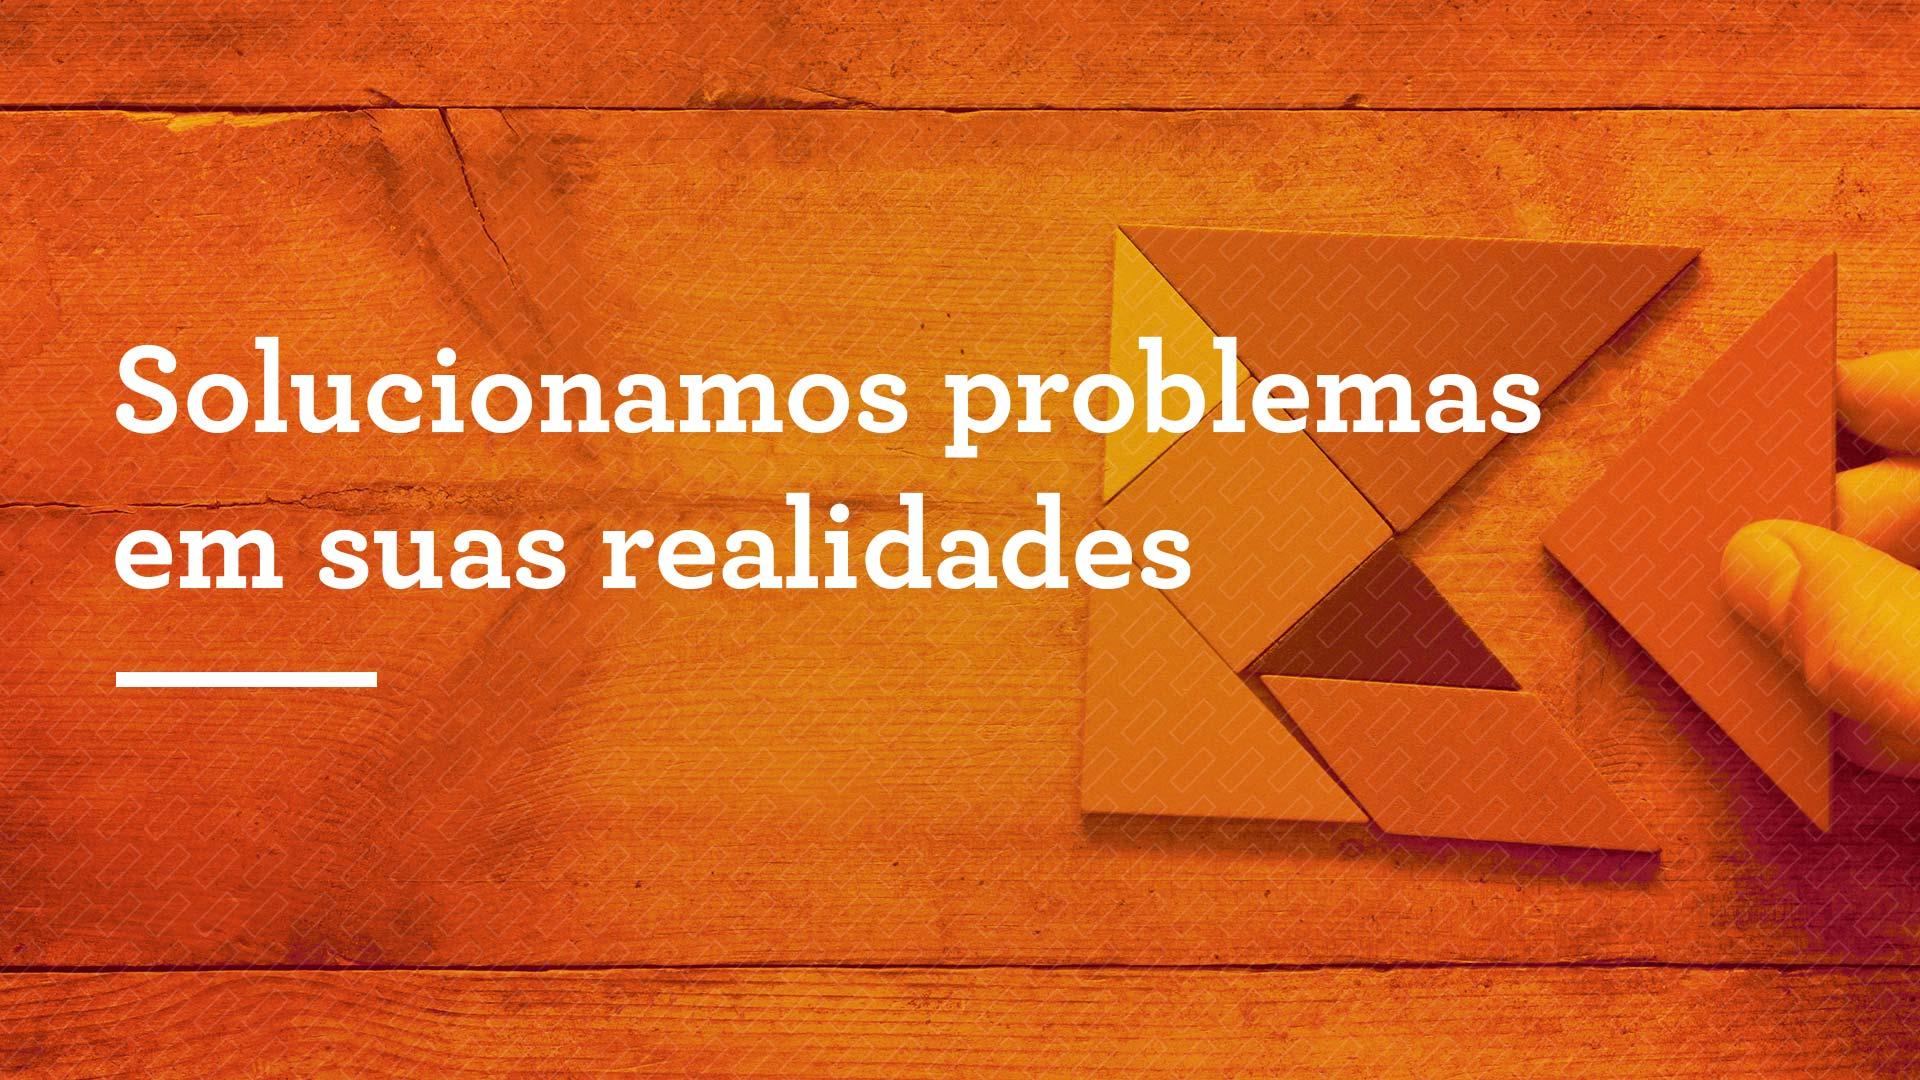 Solucionamos problemas em suas realidades